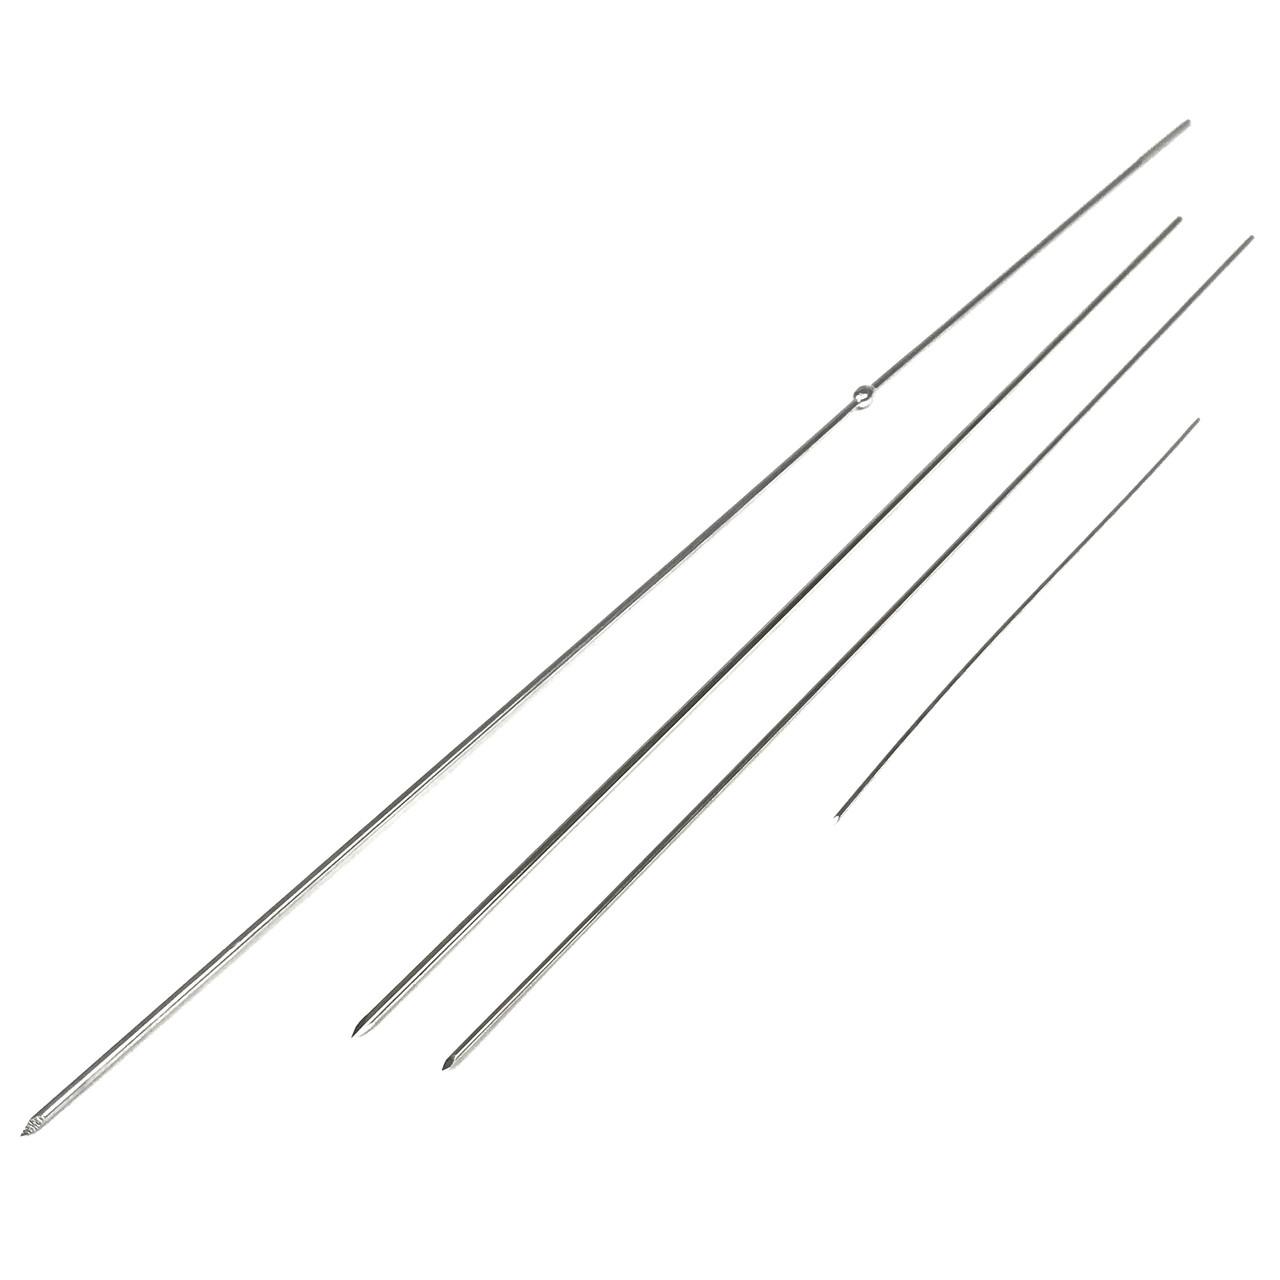 Спиця для скелетного витягнення Кіршнера діаметр 2,5 мм довжина 310 мм (СК-3) Surgiwelomed